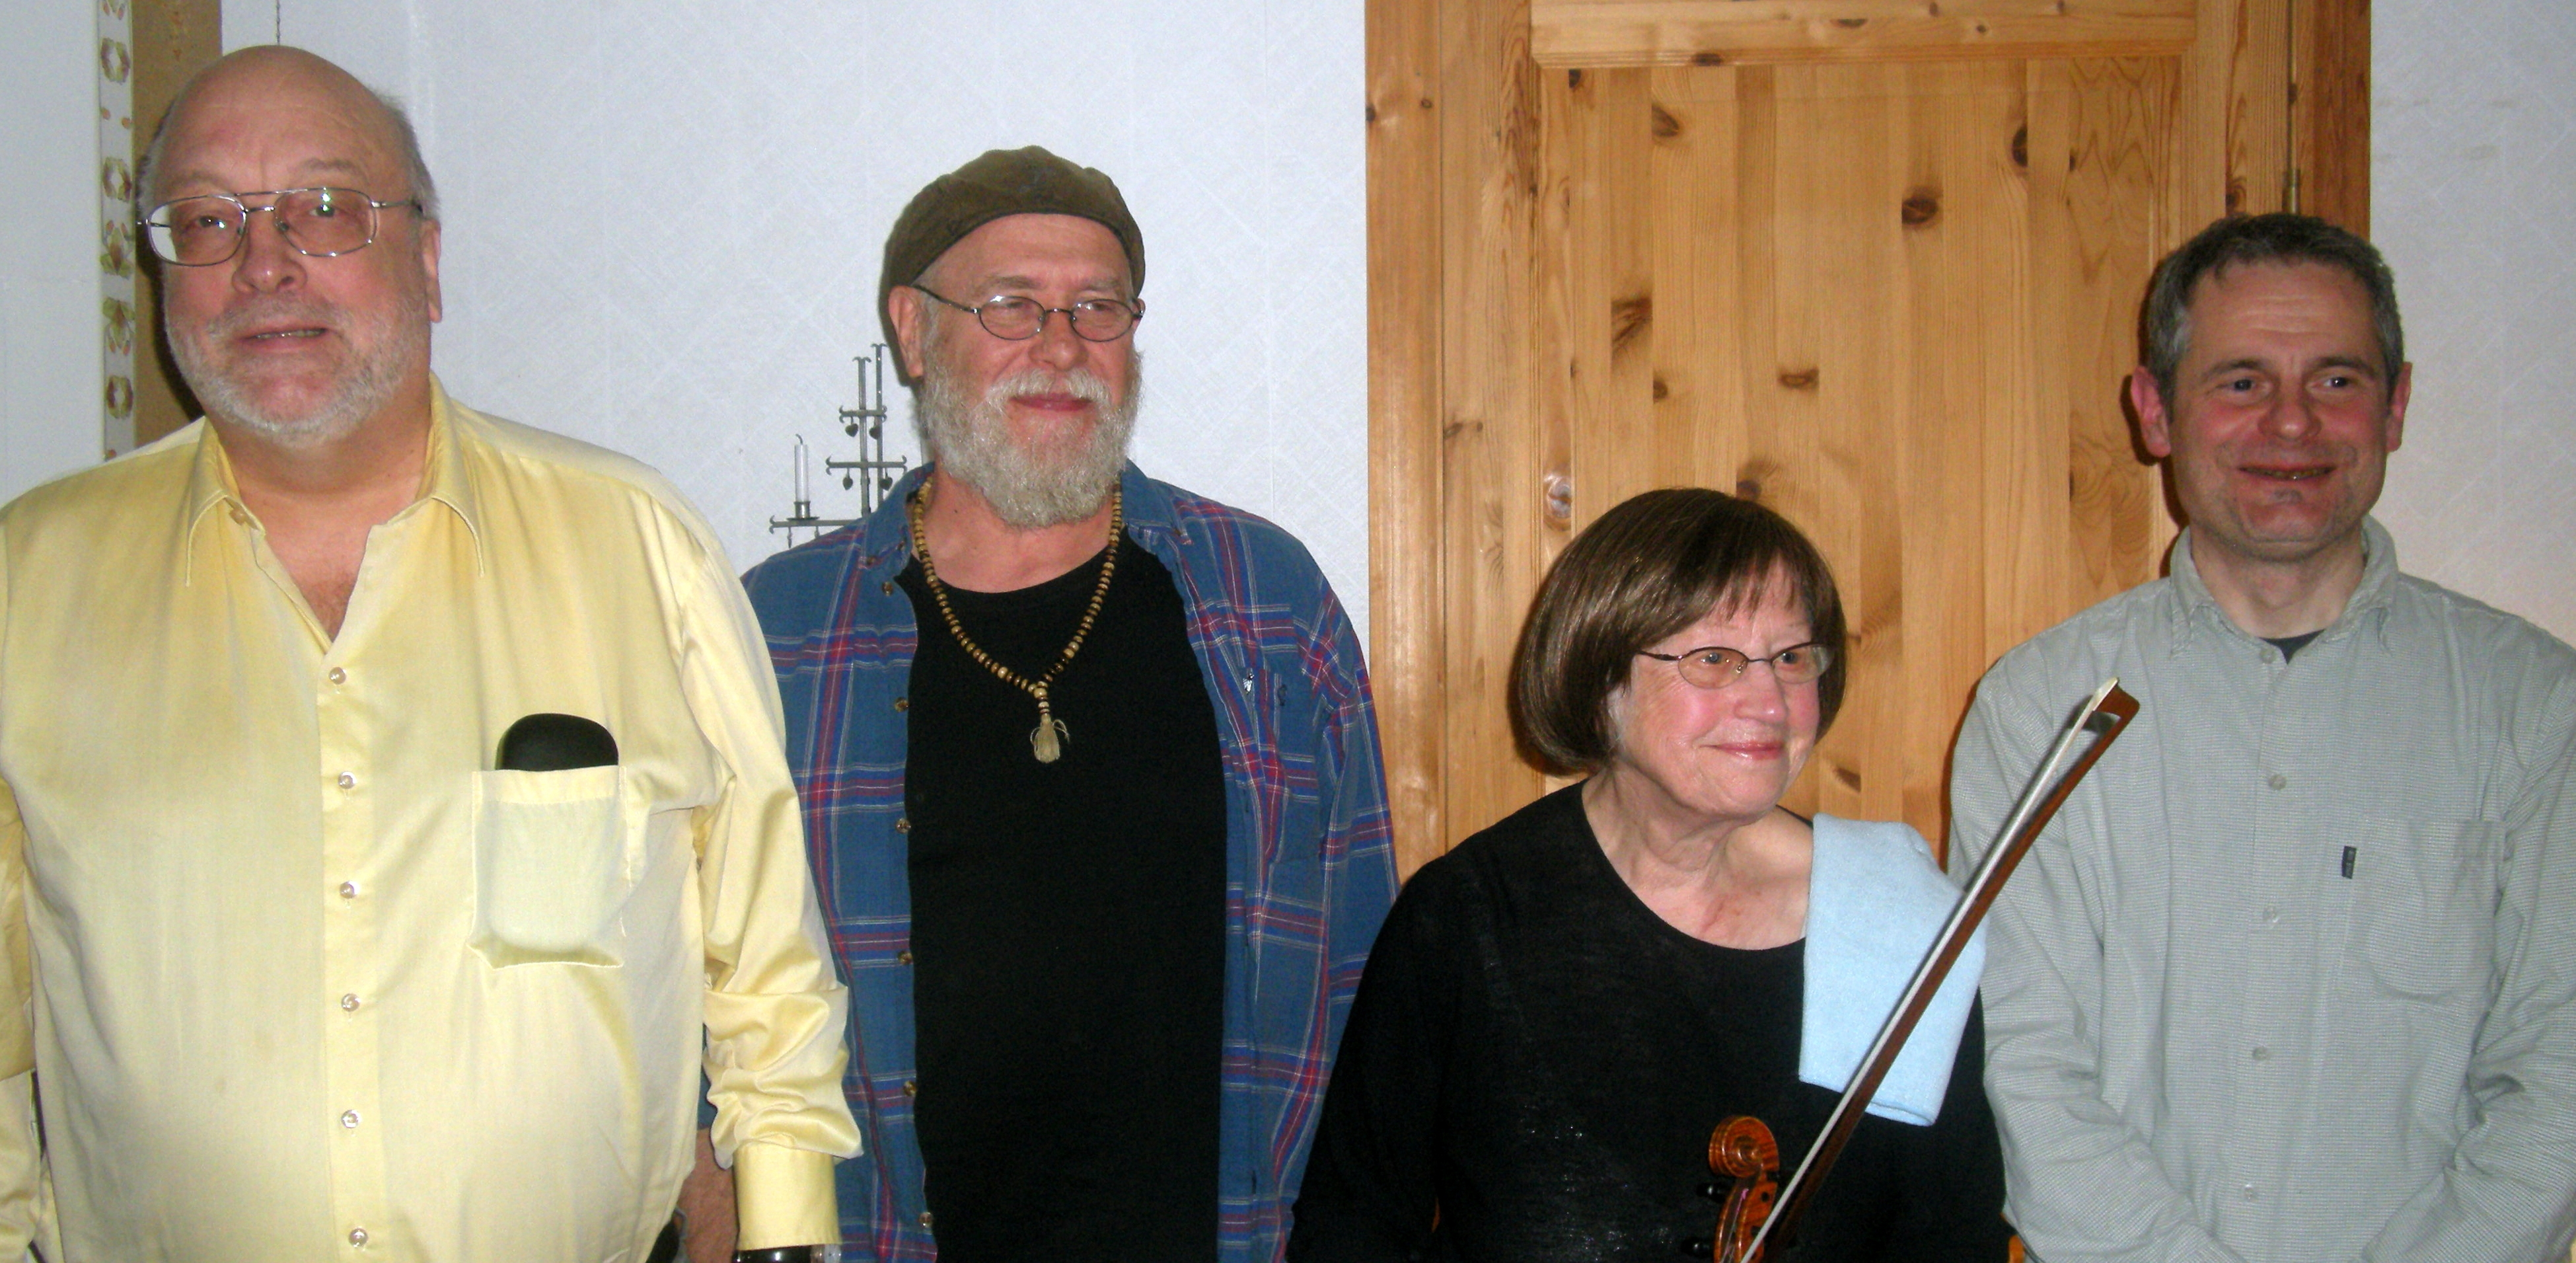 Foto: Åke Bengtzon. Fr v: Torbjörn Edlund, Hans Bergman, Inga Överström samt Robert Sadura.